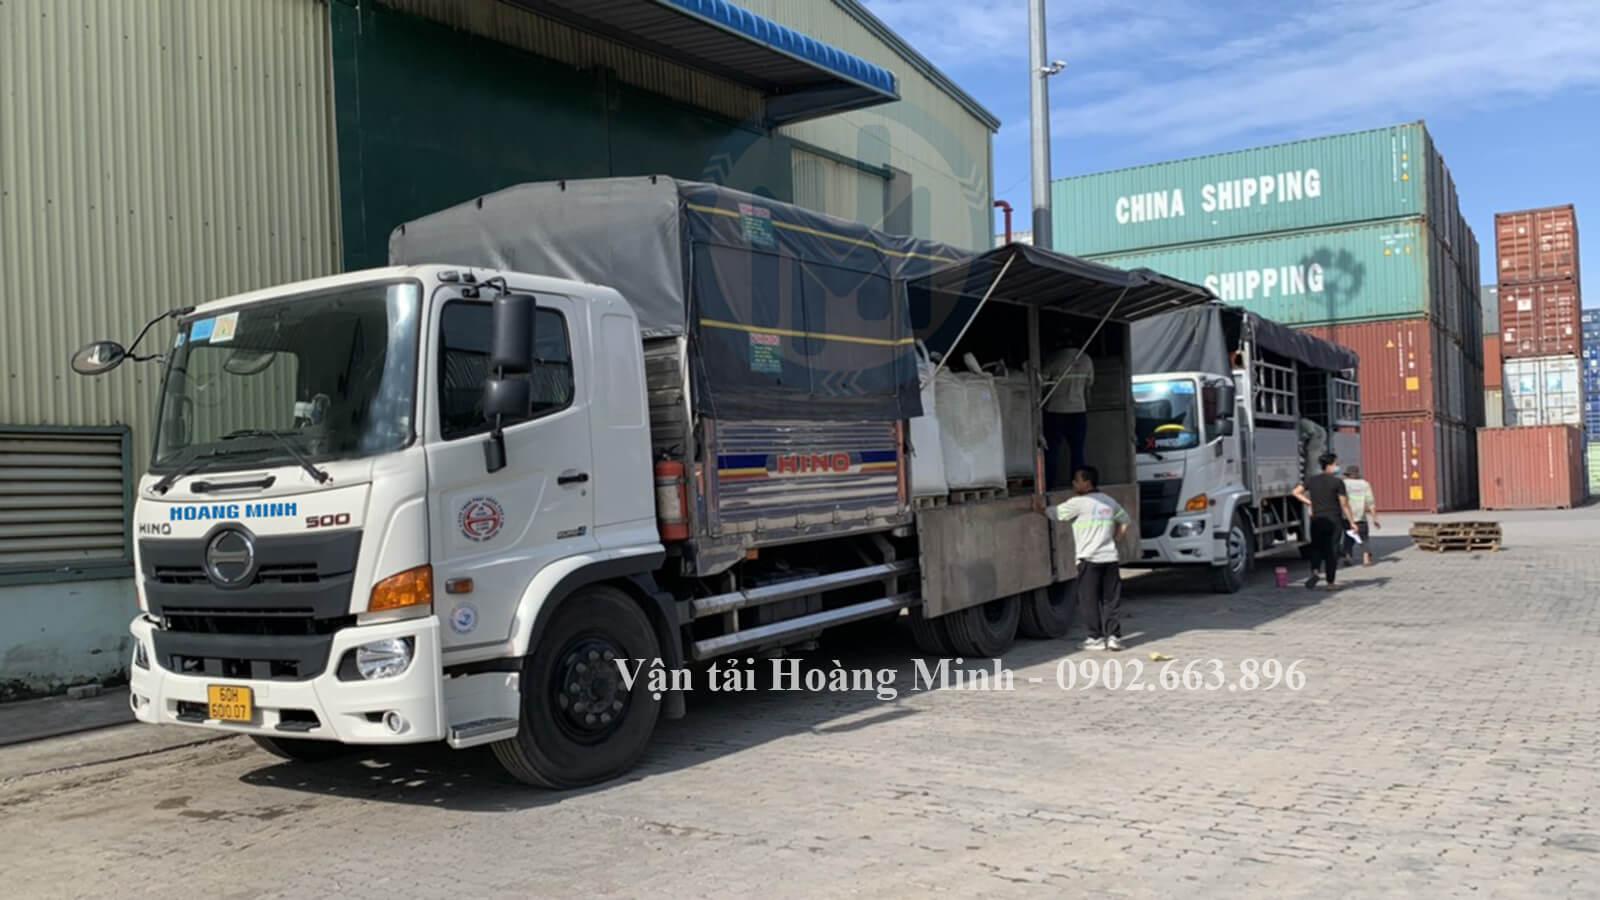 Thủ tục thuê xe tải chở hàng tại Vận tải Hoàng Minh như thế nào